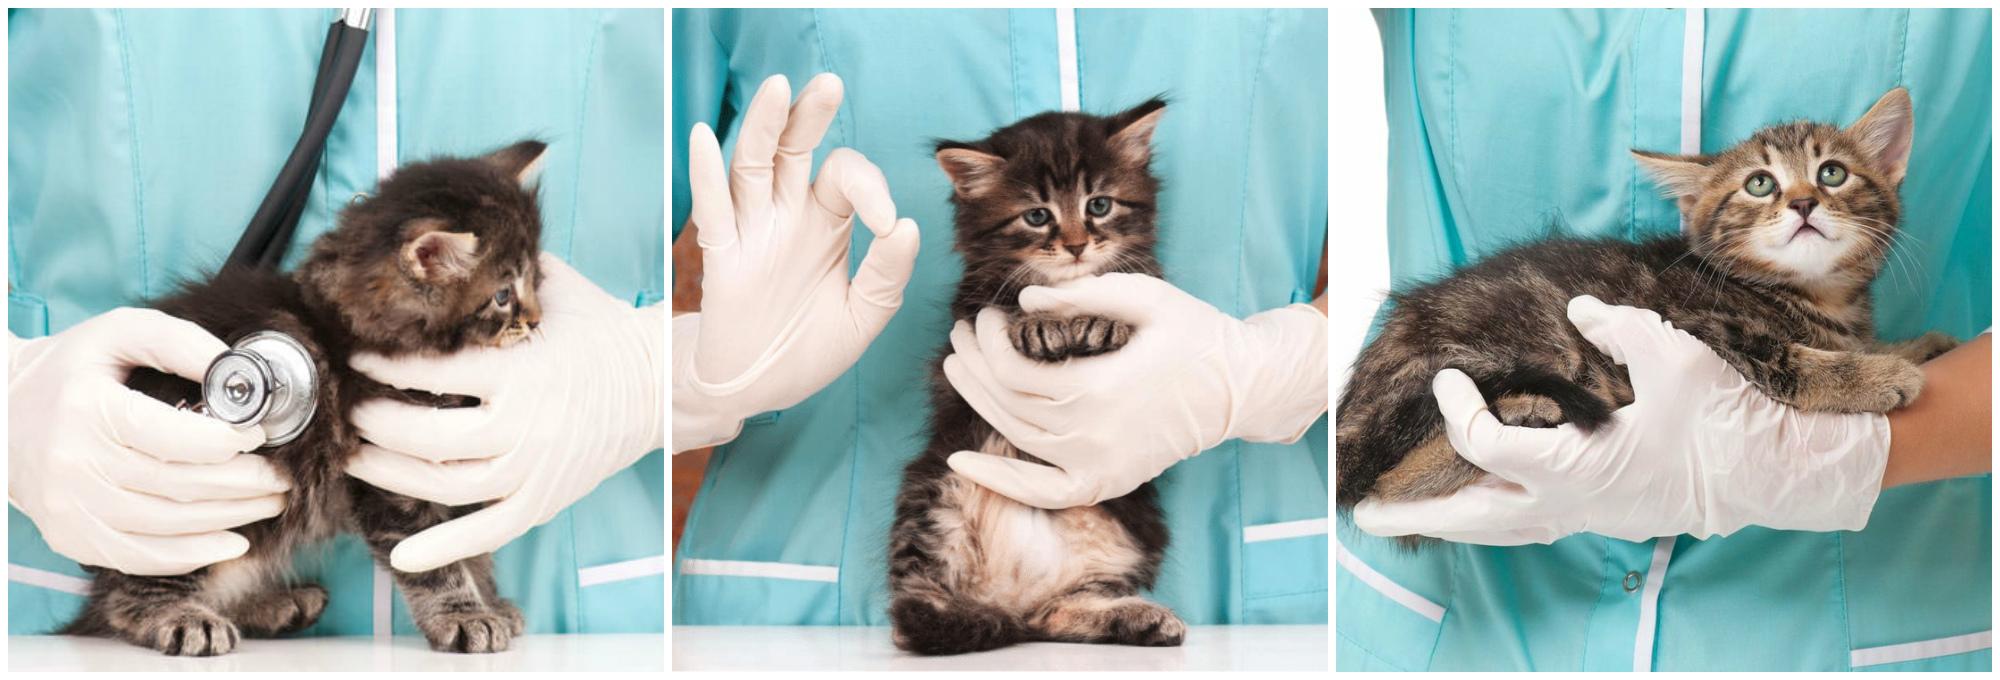 как лечить пищевую аллергию у кошек